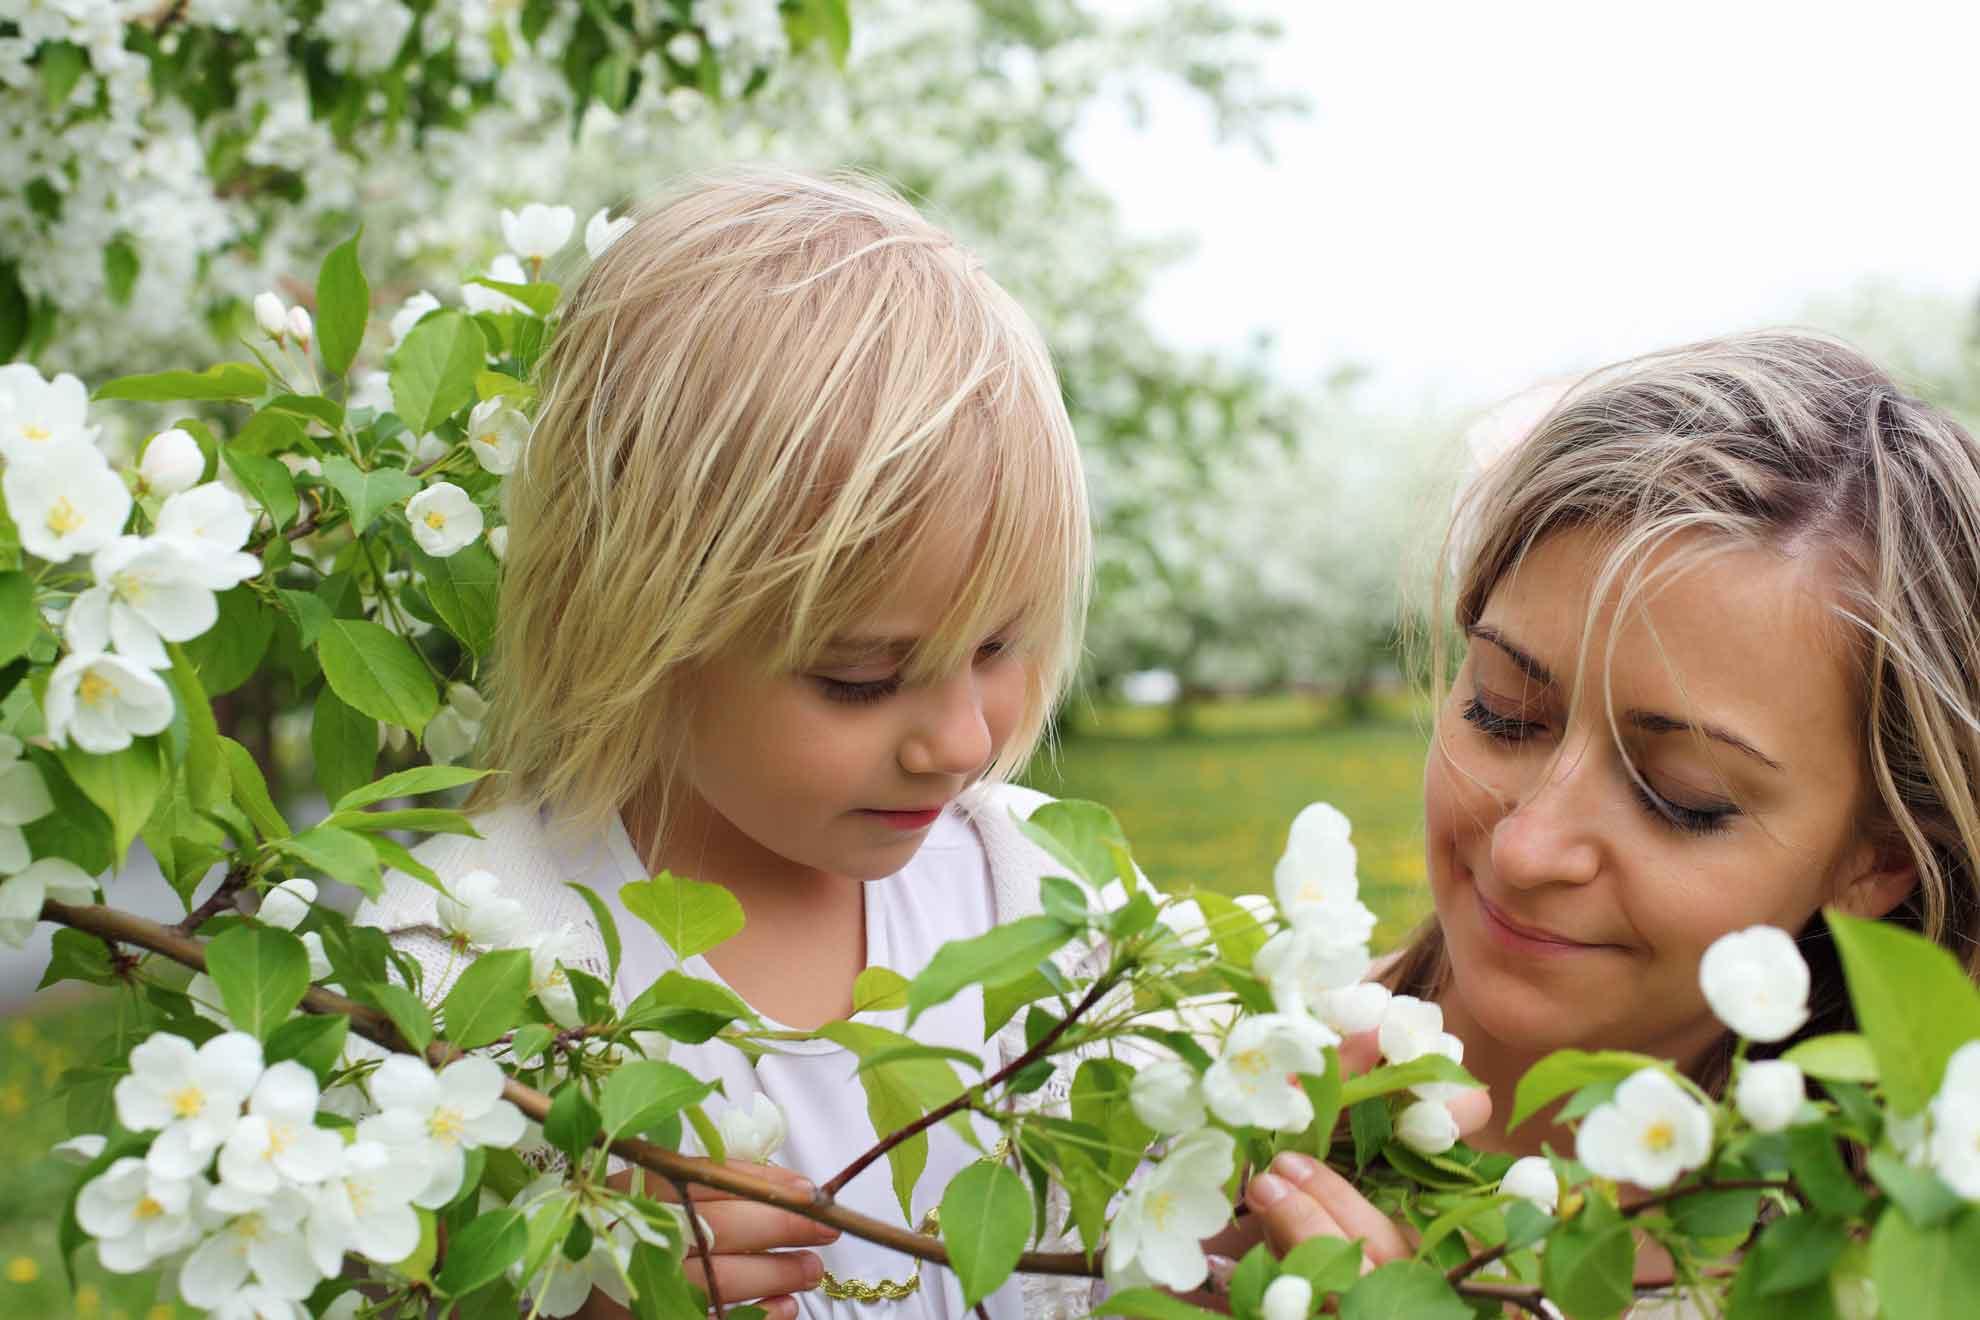 Proljece Ayurvedska godišnja doba majka i ćerka u cvijeću